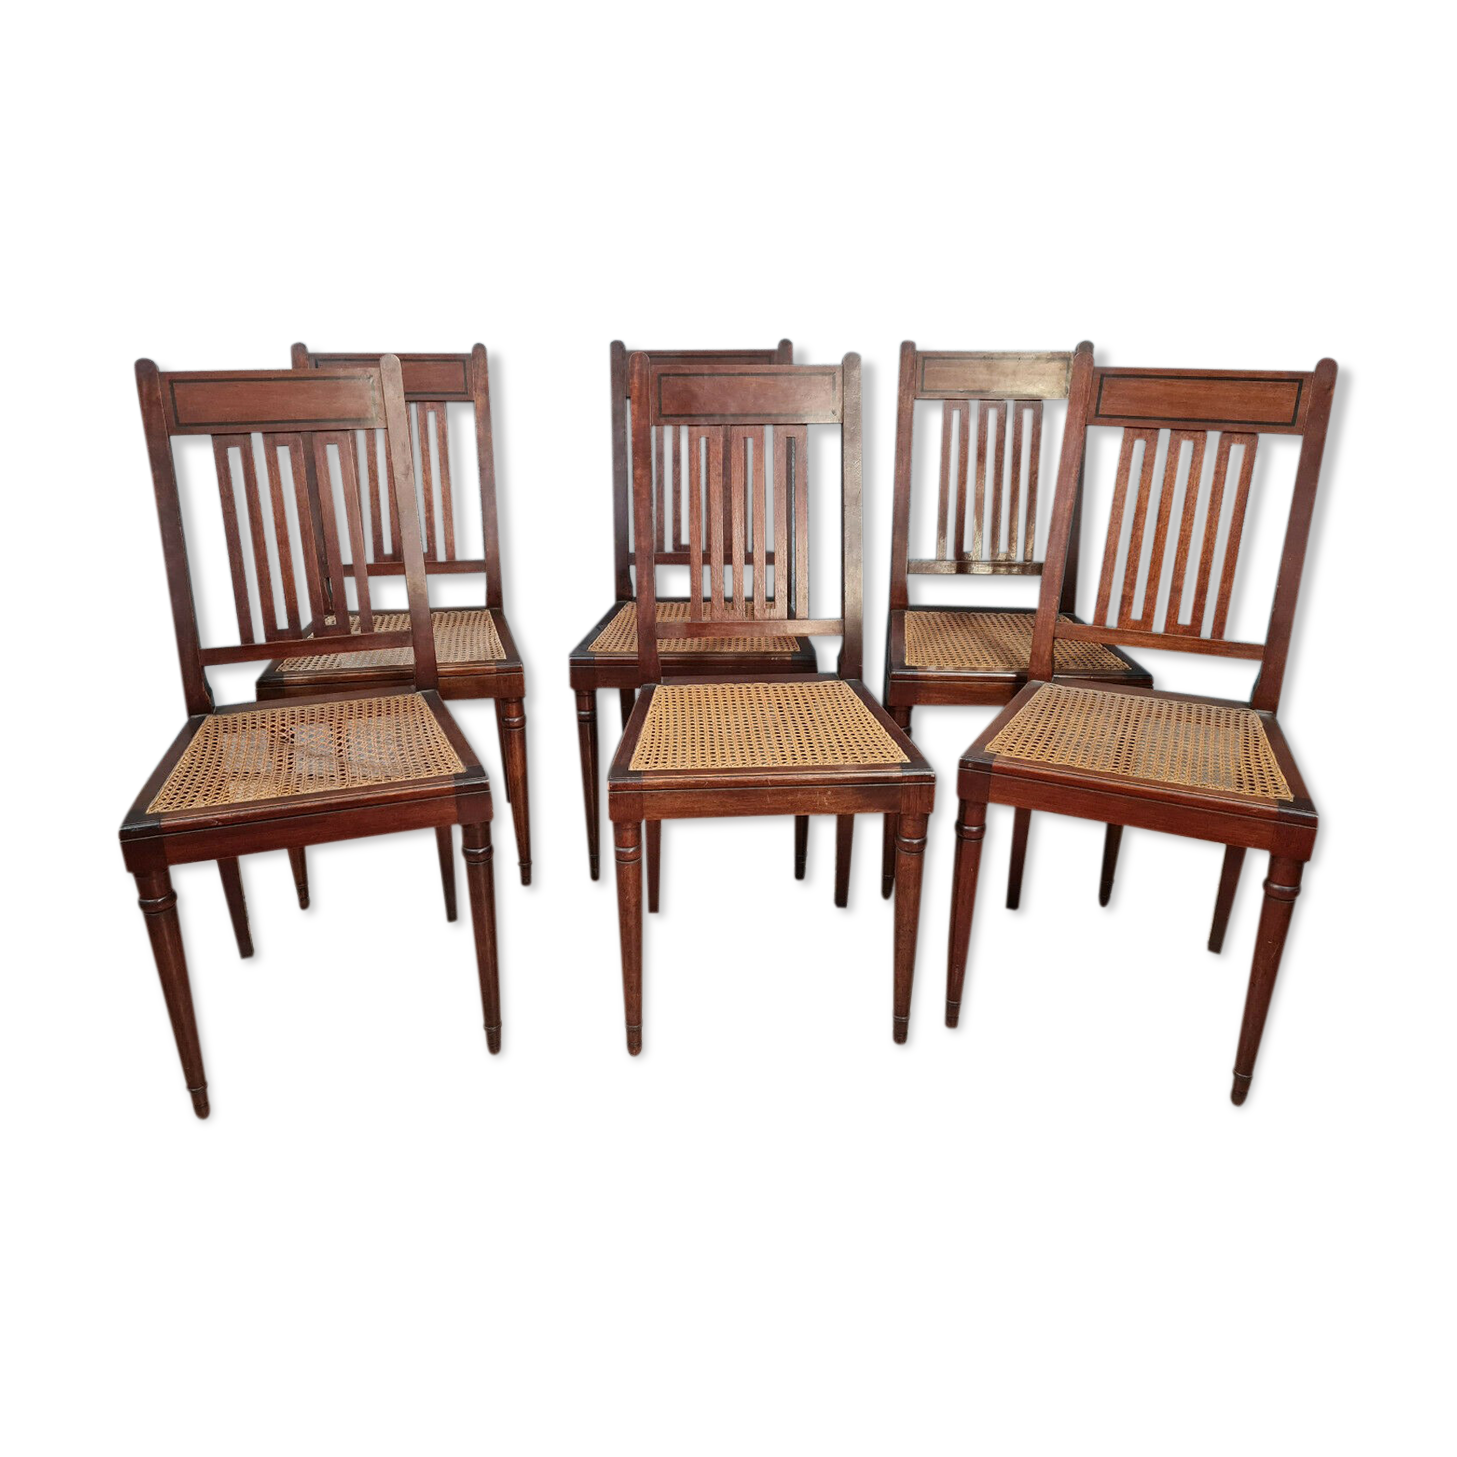 Série de 6 chaises style Louis XVI en acajou et filet d'ébène vers 1900